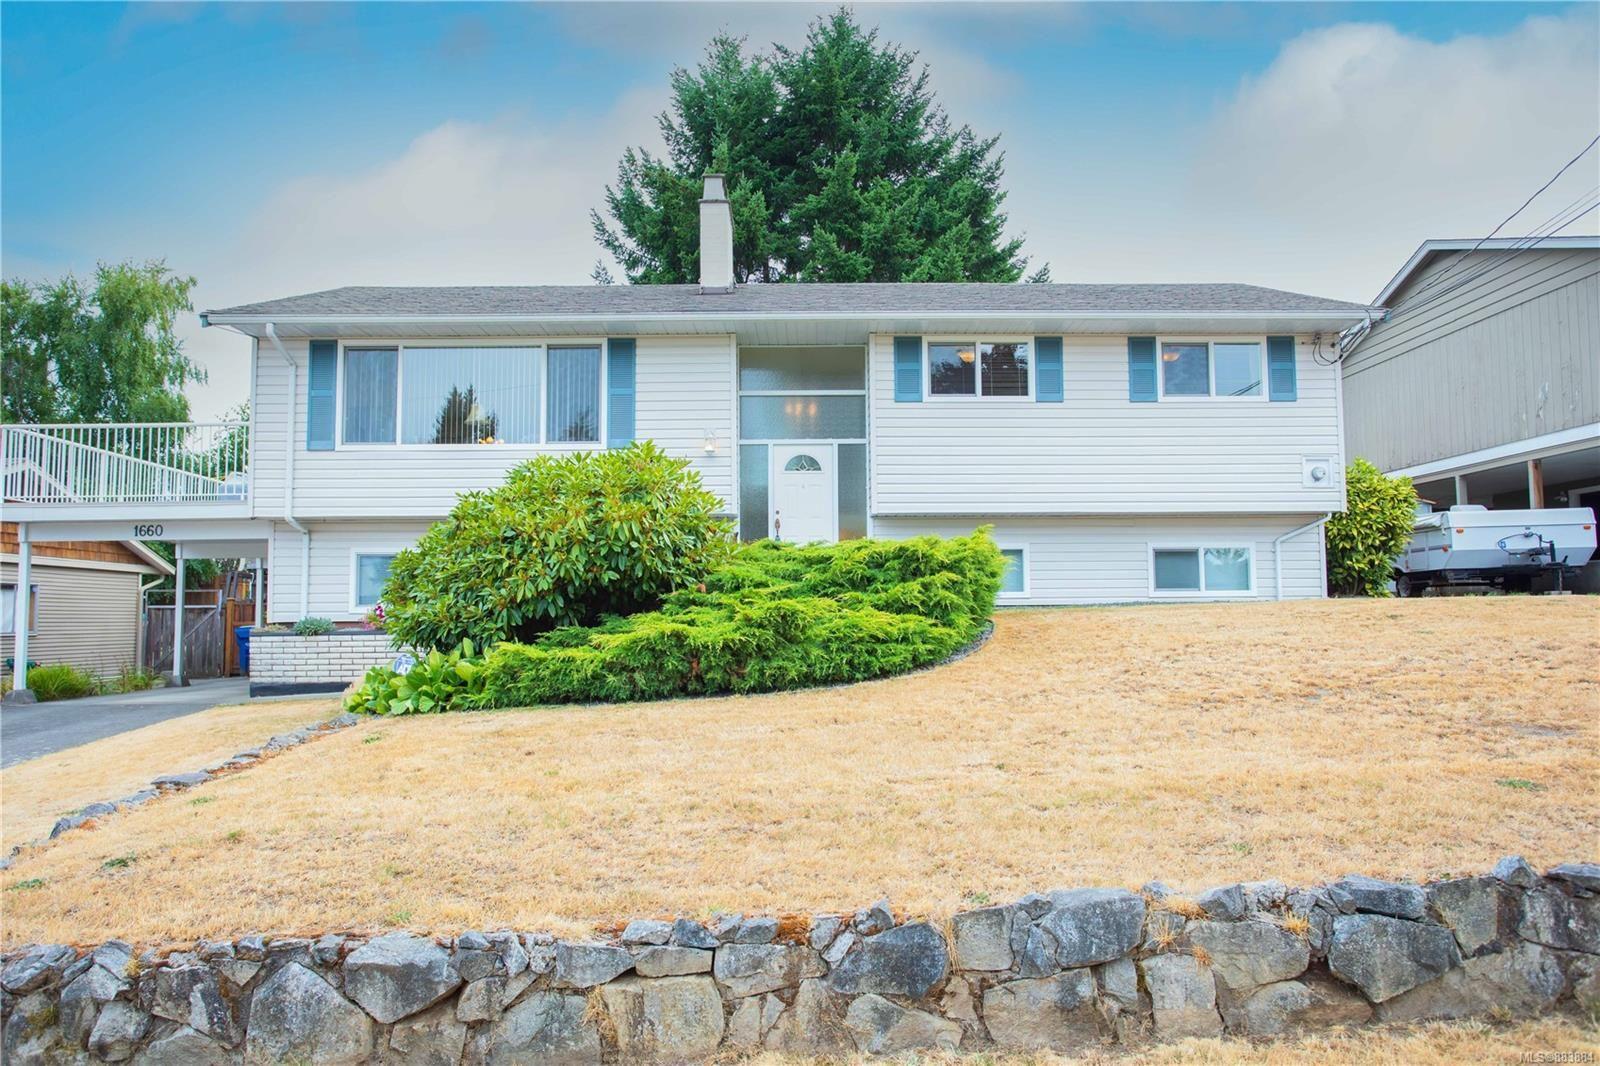 Main Photo: 1660 Bob-o-Link Way in Nanaimo: Na Central Nanaimo House for sale : MLS®# 883884